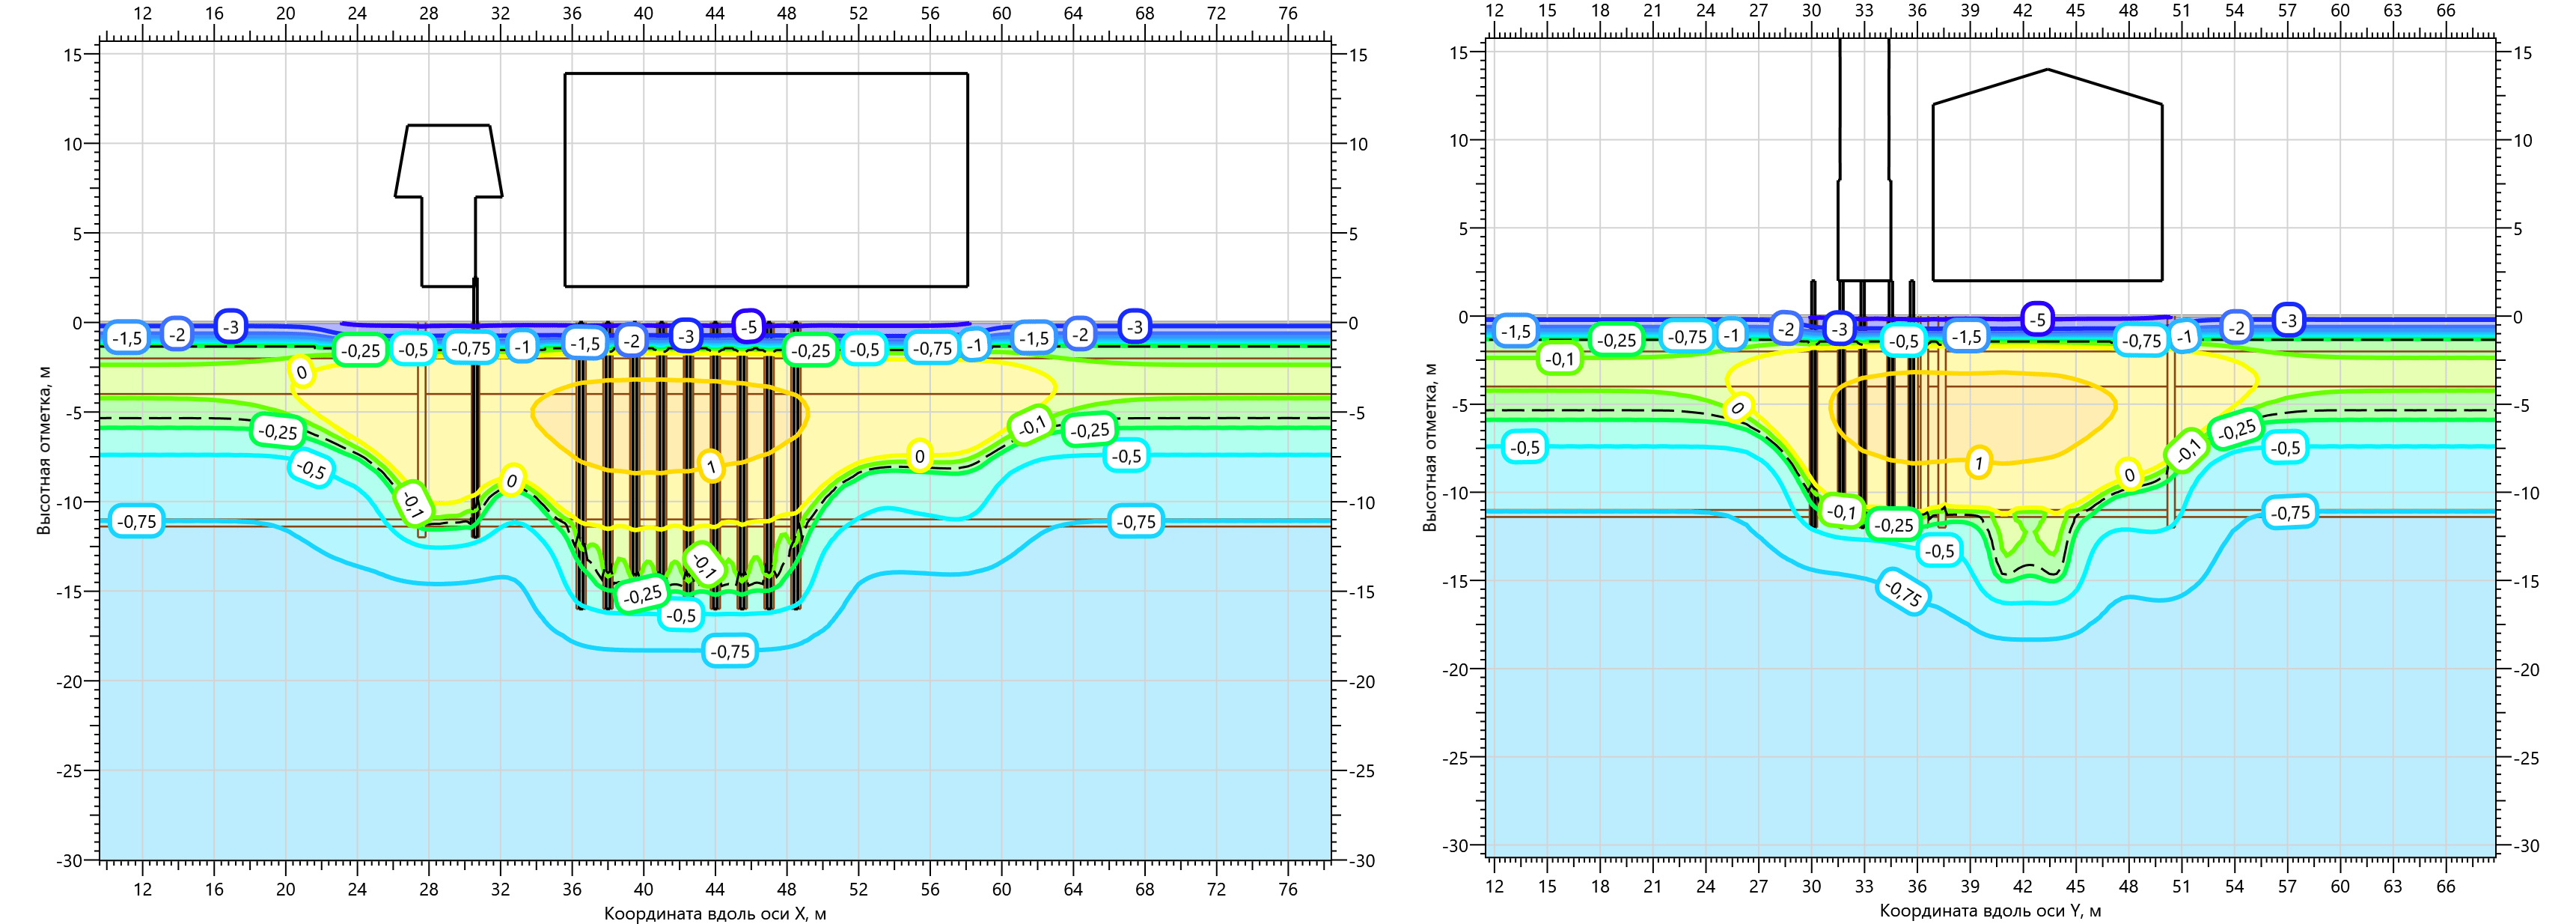 Температурное поле ММГ в основании Газоперекачивающего агрегата на 15.03.2001